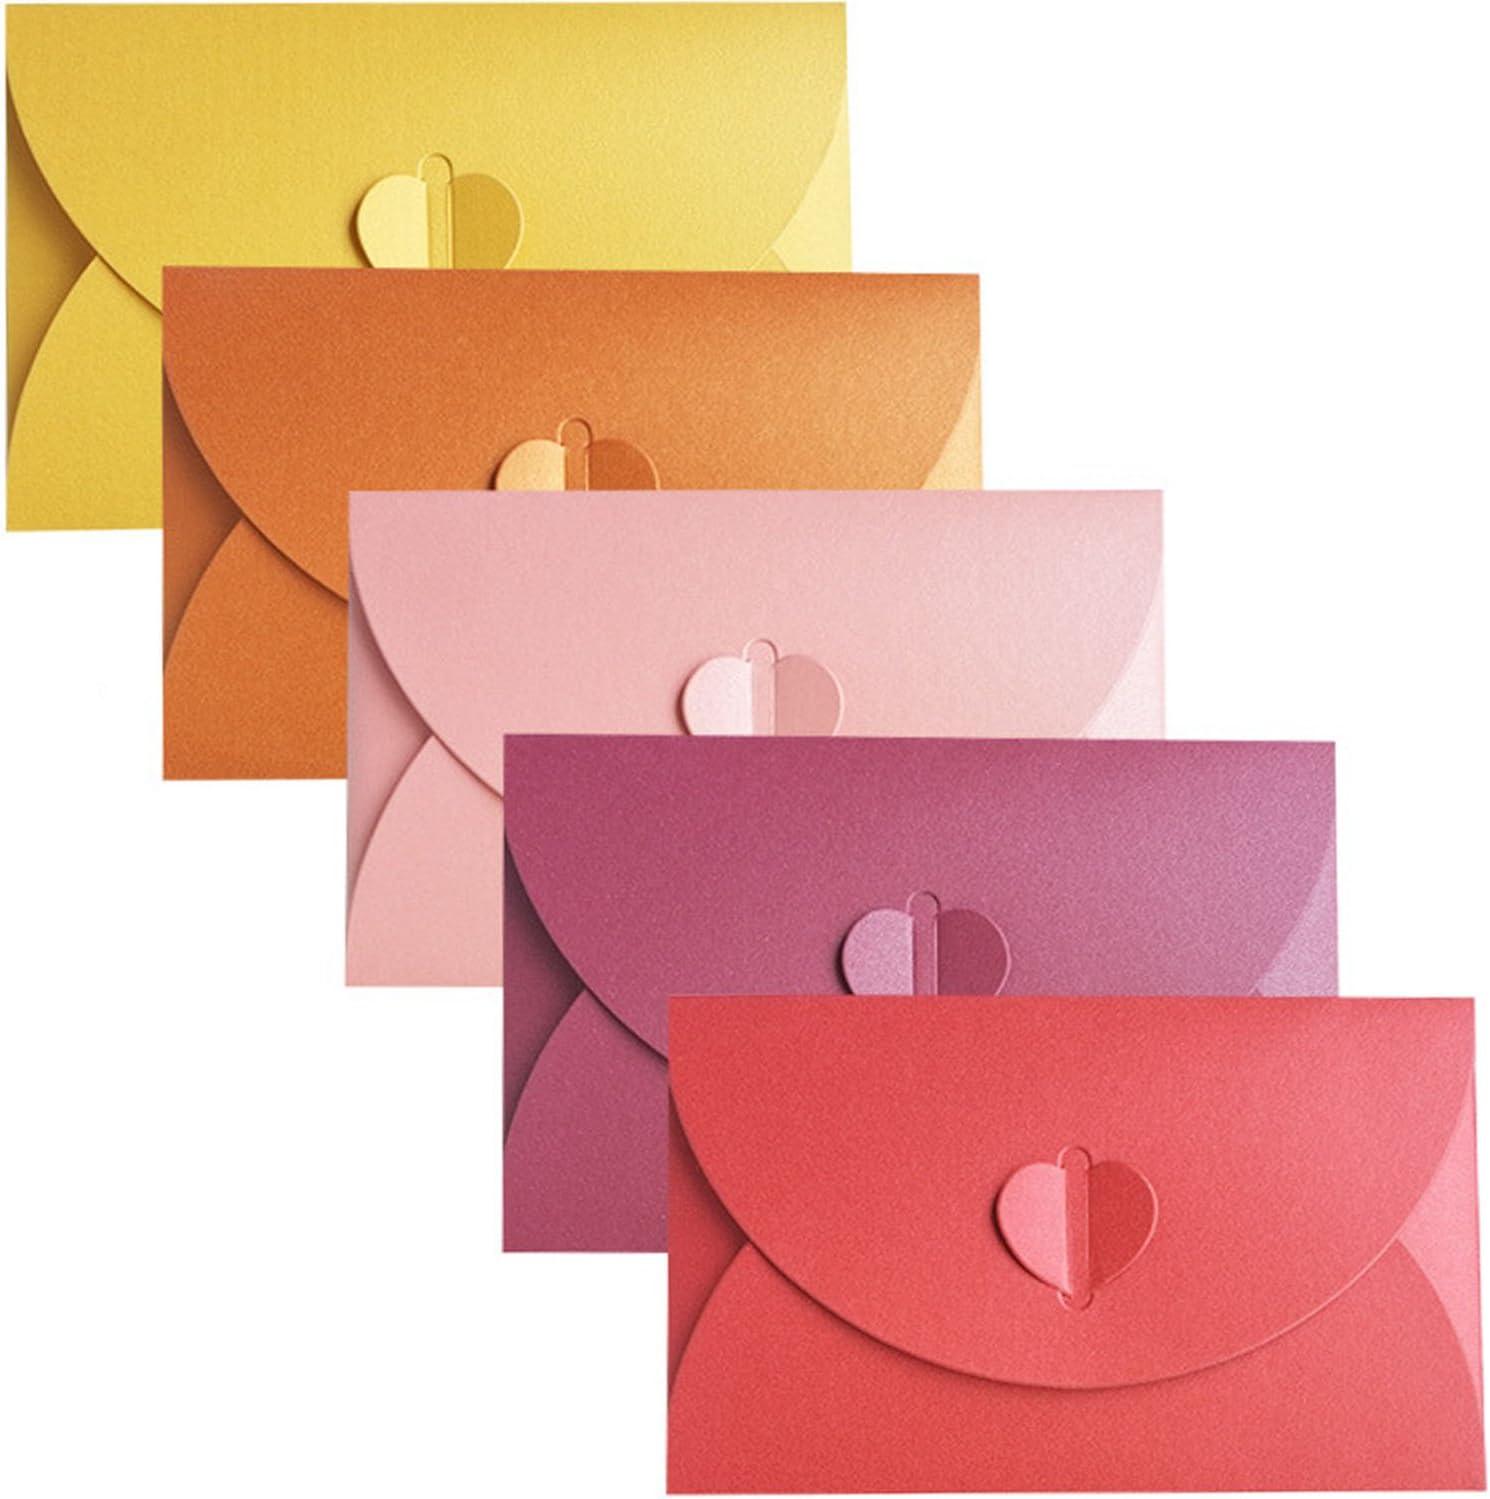 Busta di Carta Perlescente DBAILY 70pcs Mini Carta di Regalo Busta Colorate Buste Creative con Chiusura a Forma di Cuore per DIY Regali Compleanno Dauguri Cerimonia Nuziale